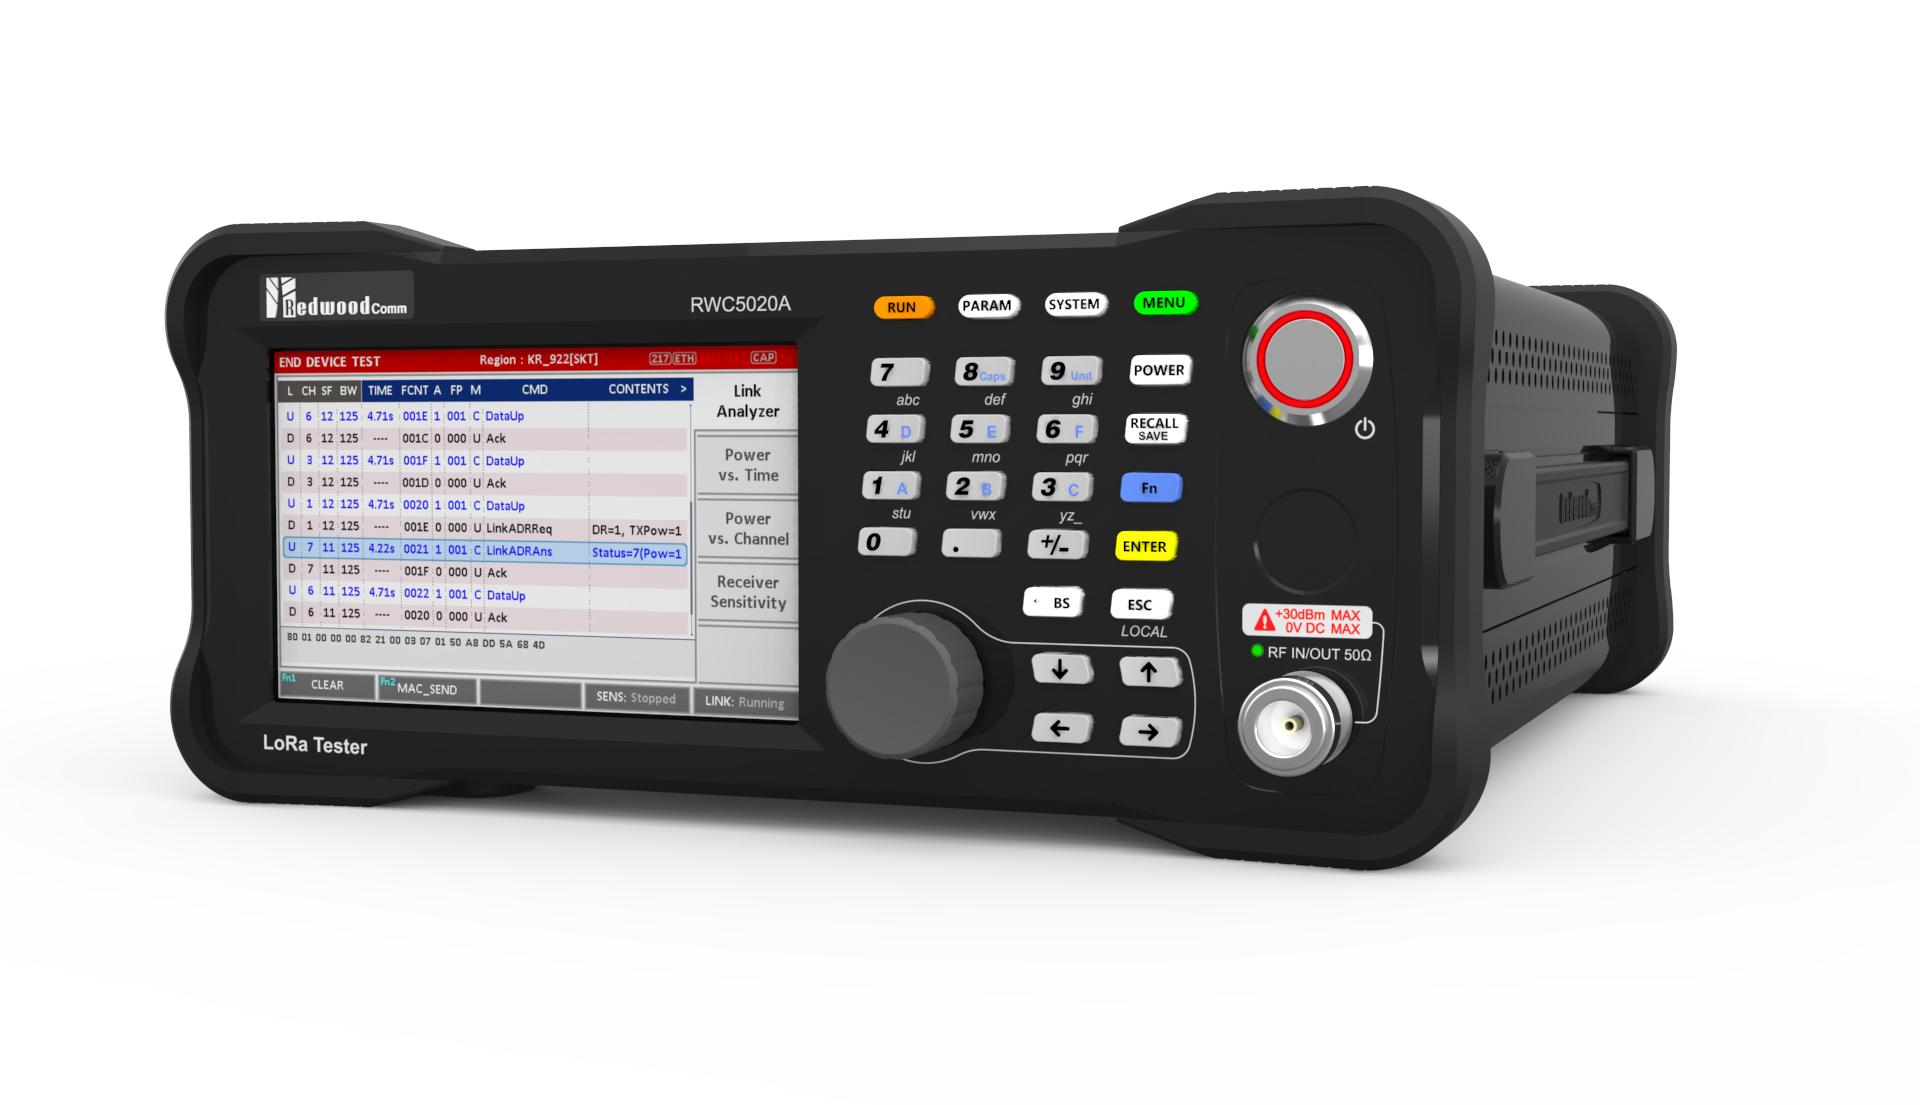 RWC5020A LoRaWAN Tester